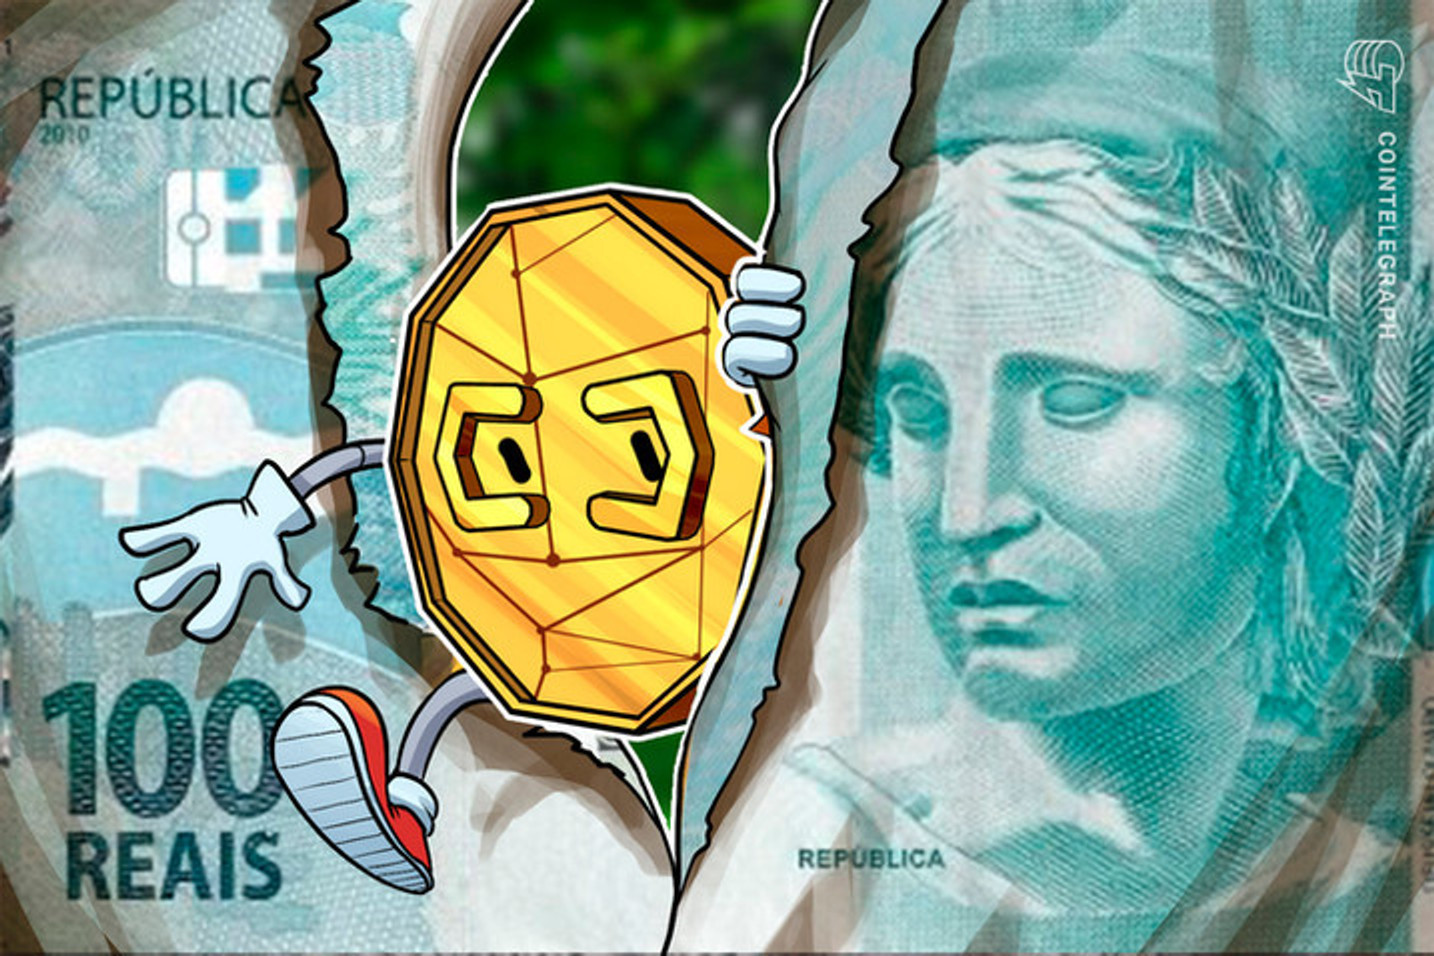 Banco Central do Brasil abre inscrição para Sandbox que pode permitir emissão de stablecoins e criptomoedas